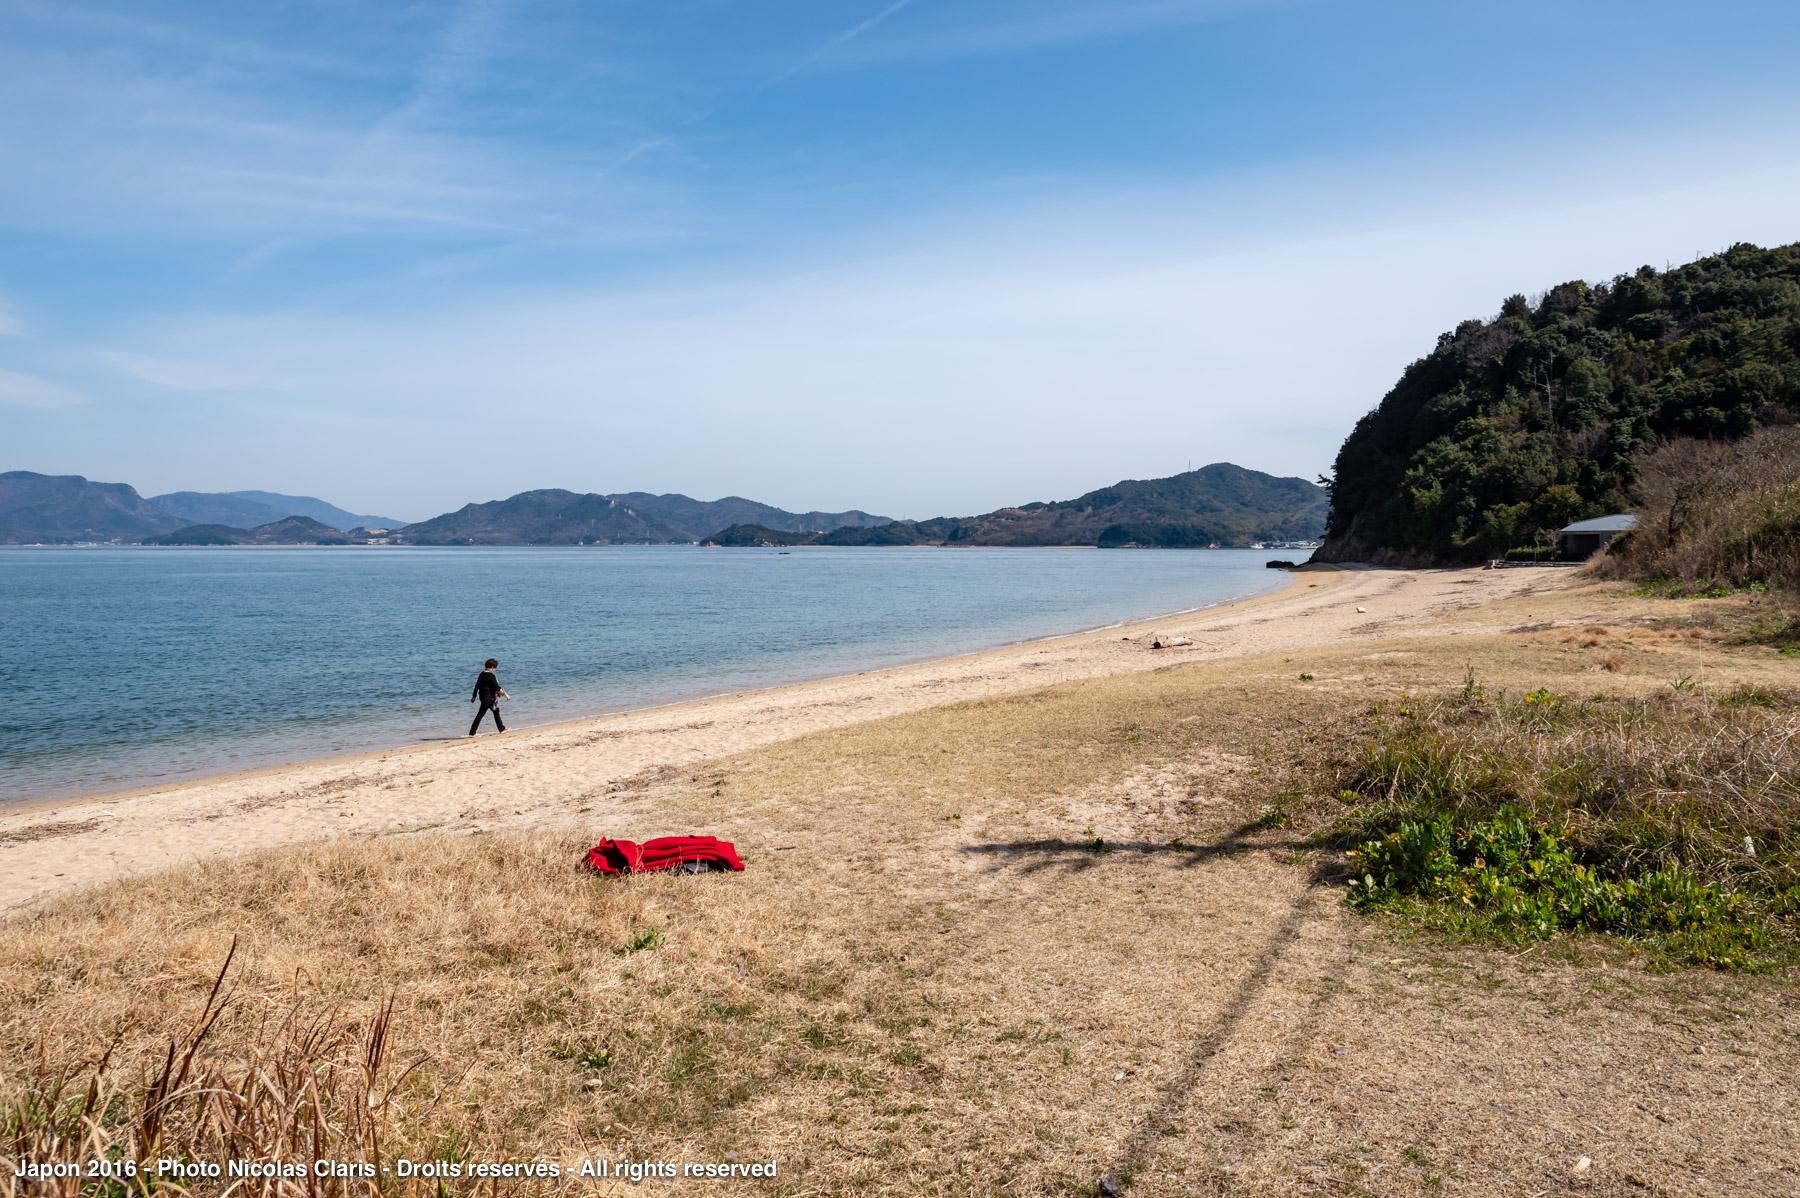 Naoshima_NCK7141